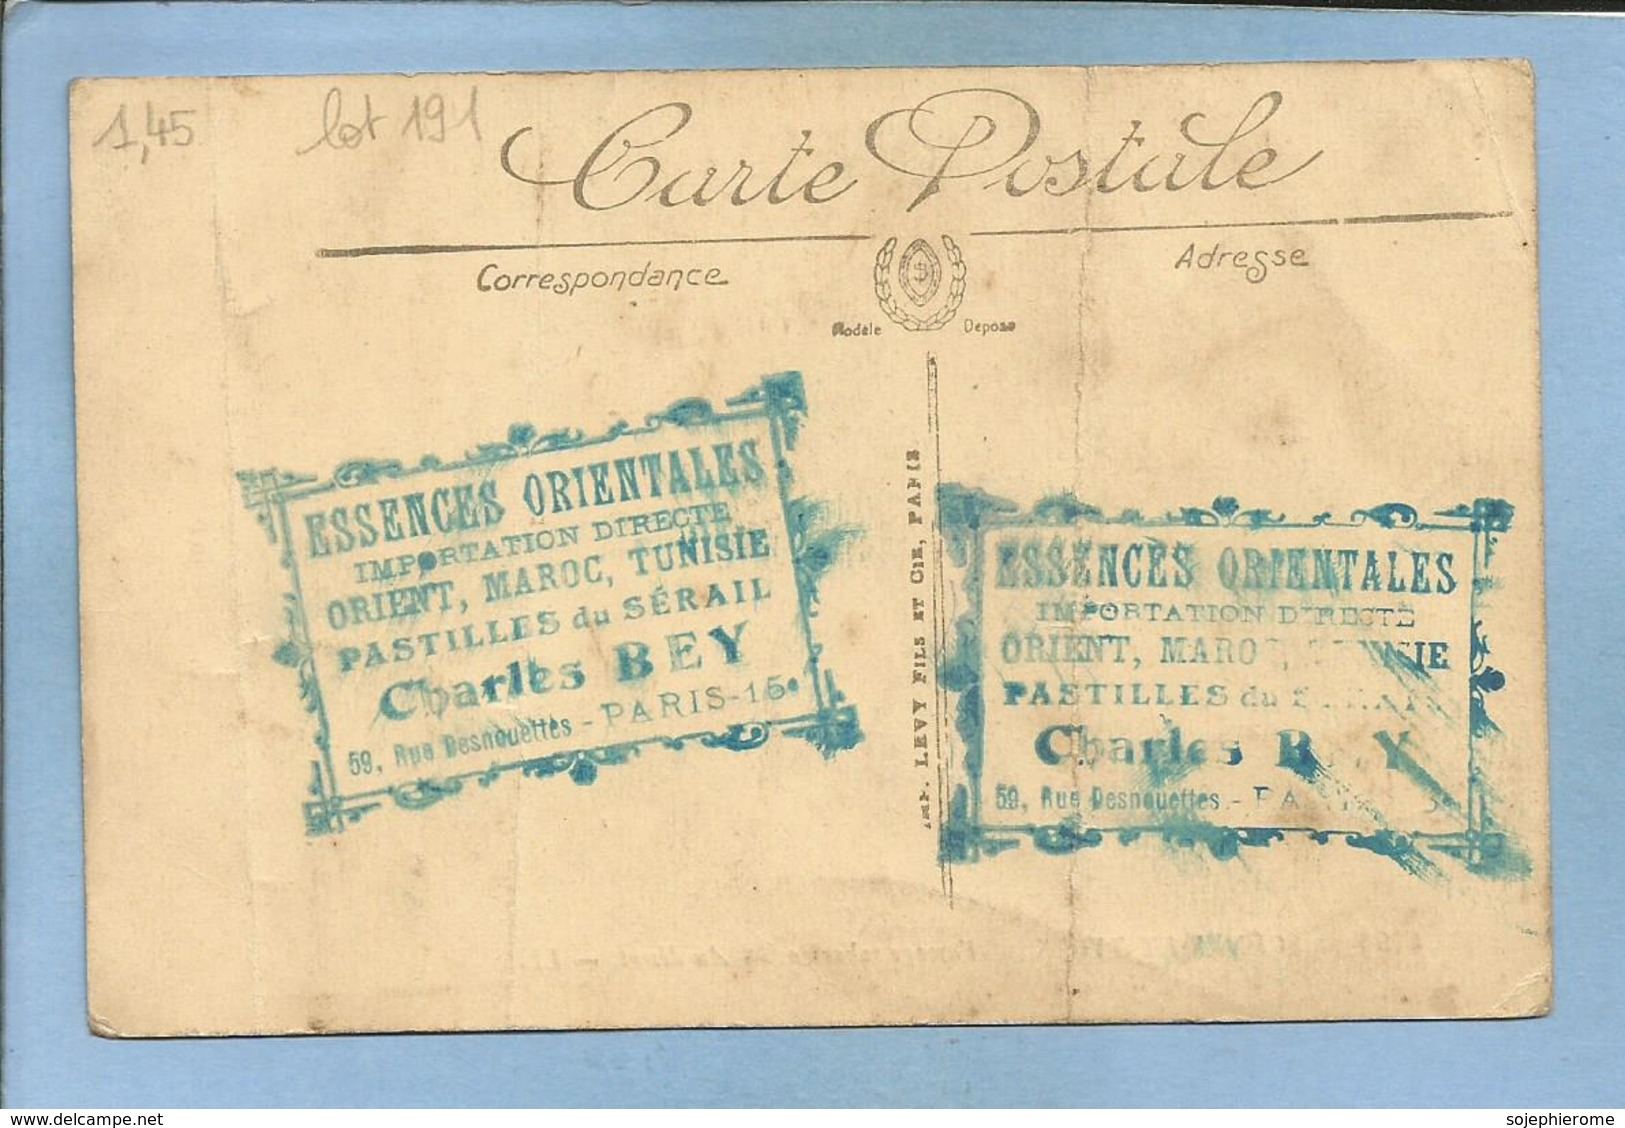 Paris 15e 59 Rue Desnouettes Charles Bey 2 Cachets Bleus 6195 Scènes Et Types Paysage Saharien Au Désert Dromadaires - Arrondissement: 15